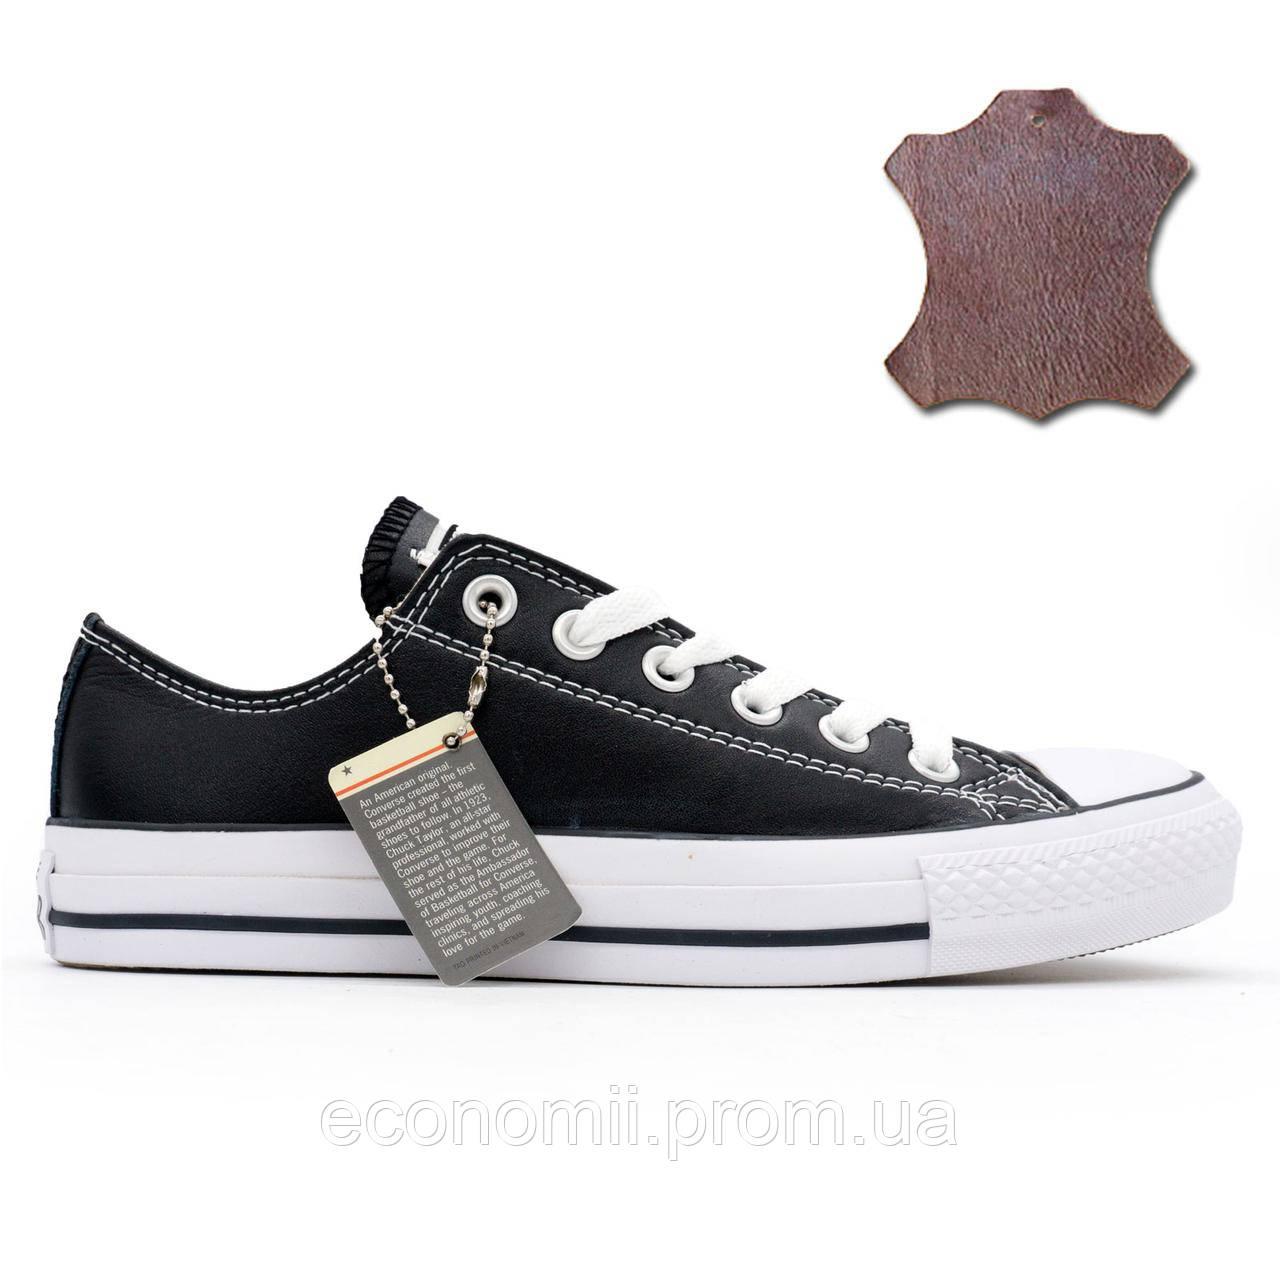 b28e3dd2 Кожаные кеды Converse (Конверс) низкие черные. Топ качество! - Реплика р.(36,  37, 38, 39, 41), цена 850 грн., купить в Днепре — Prom.ua (ID#389777356)